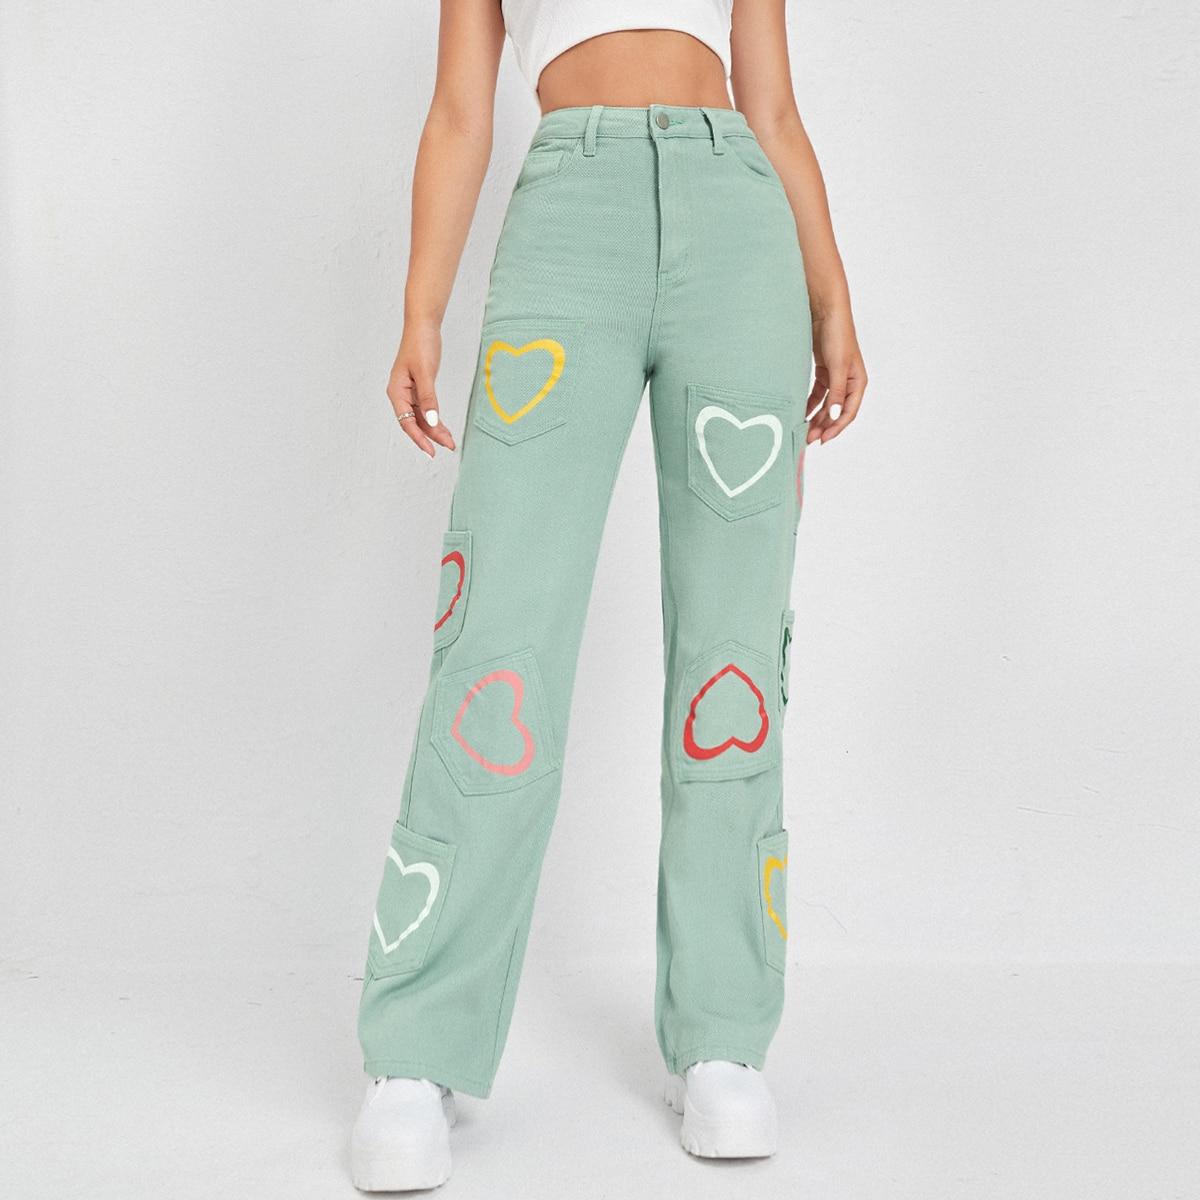 Широкие джинсы с принтом сердечка и высокой талией